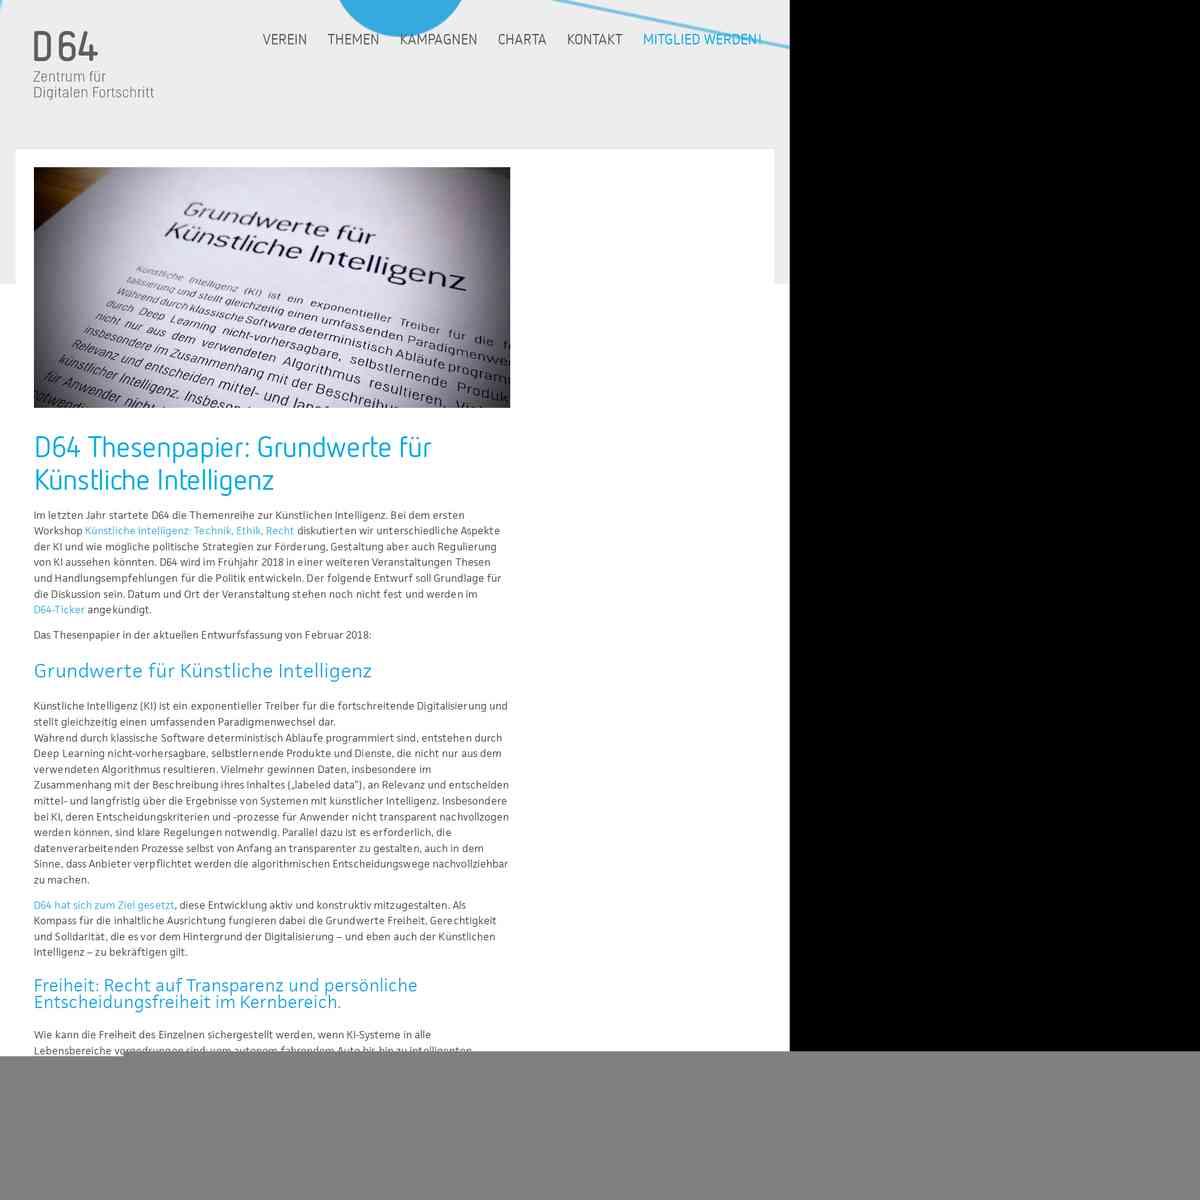 D64 Thesenpapier: Grundwerte für Künstliche Intelligenz | D64